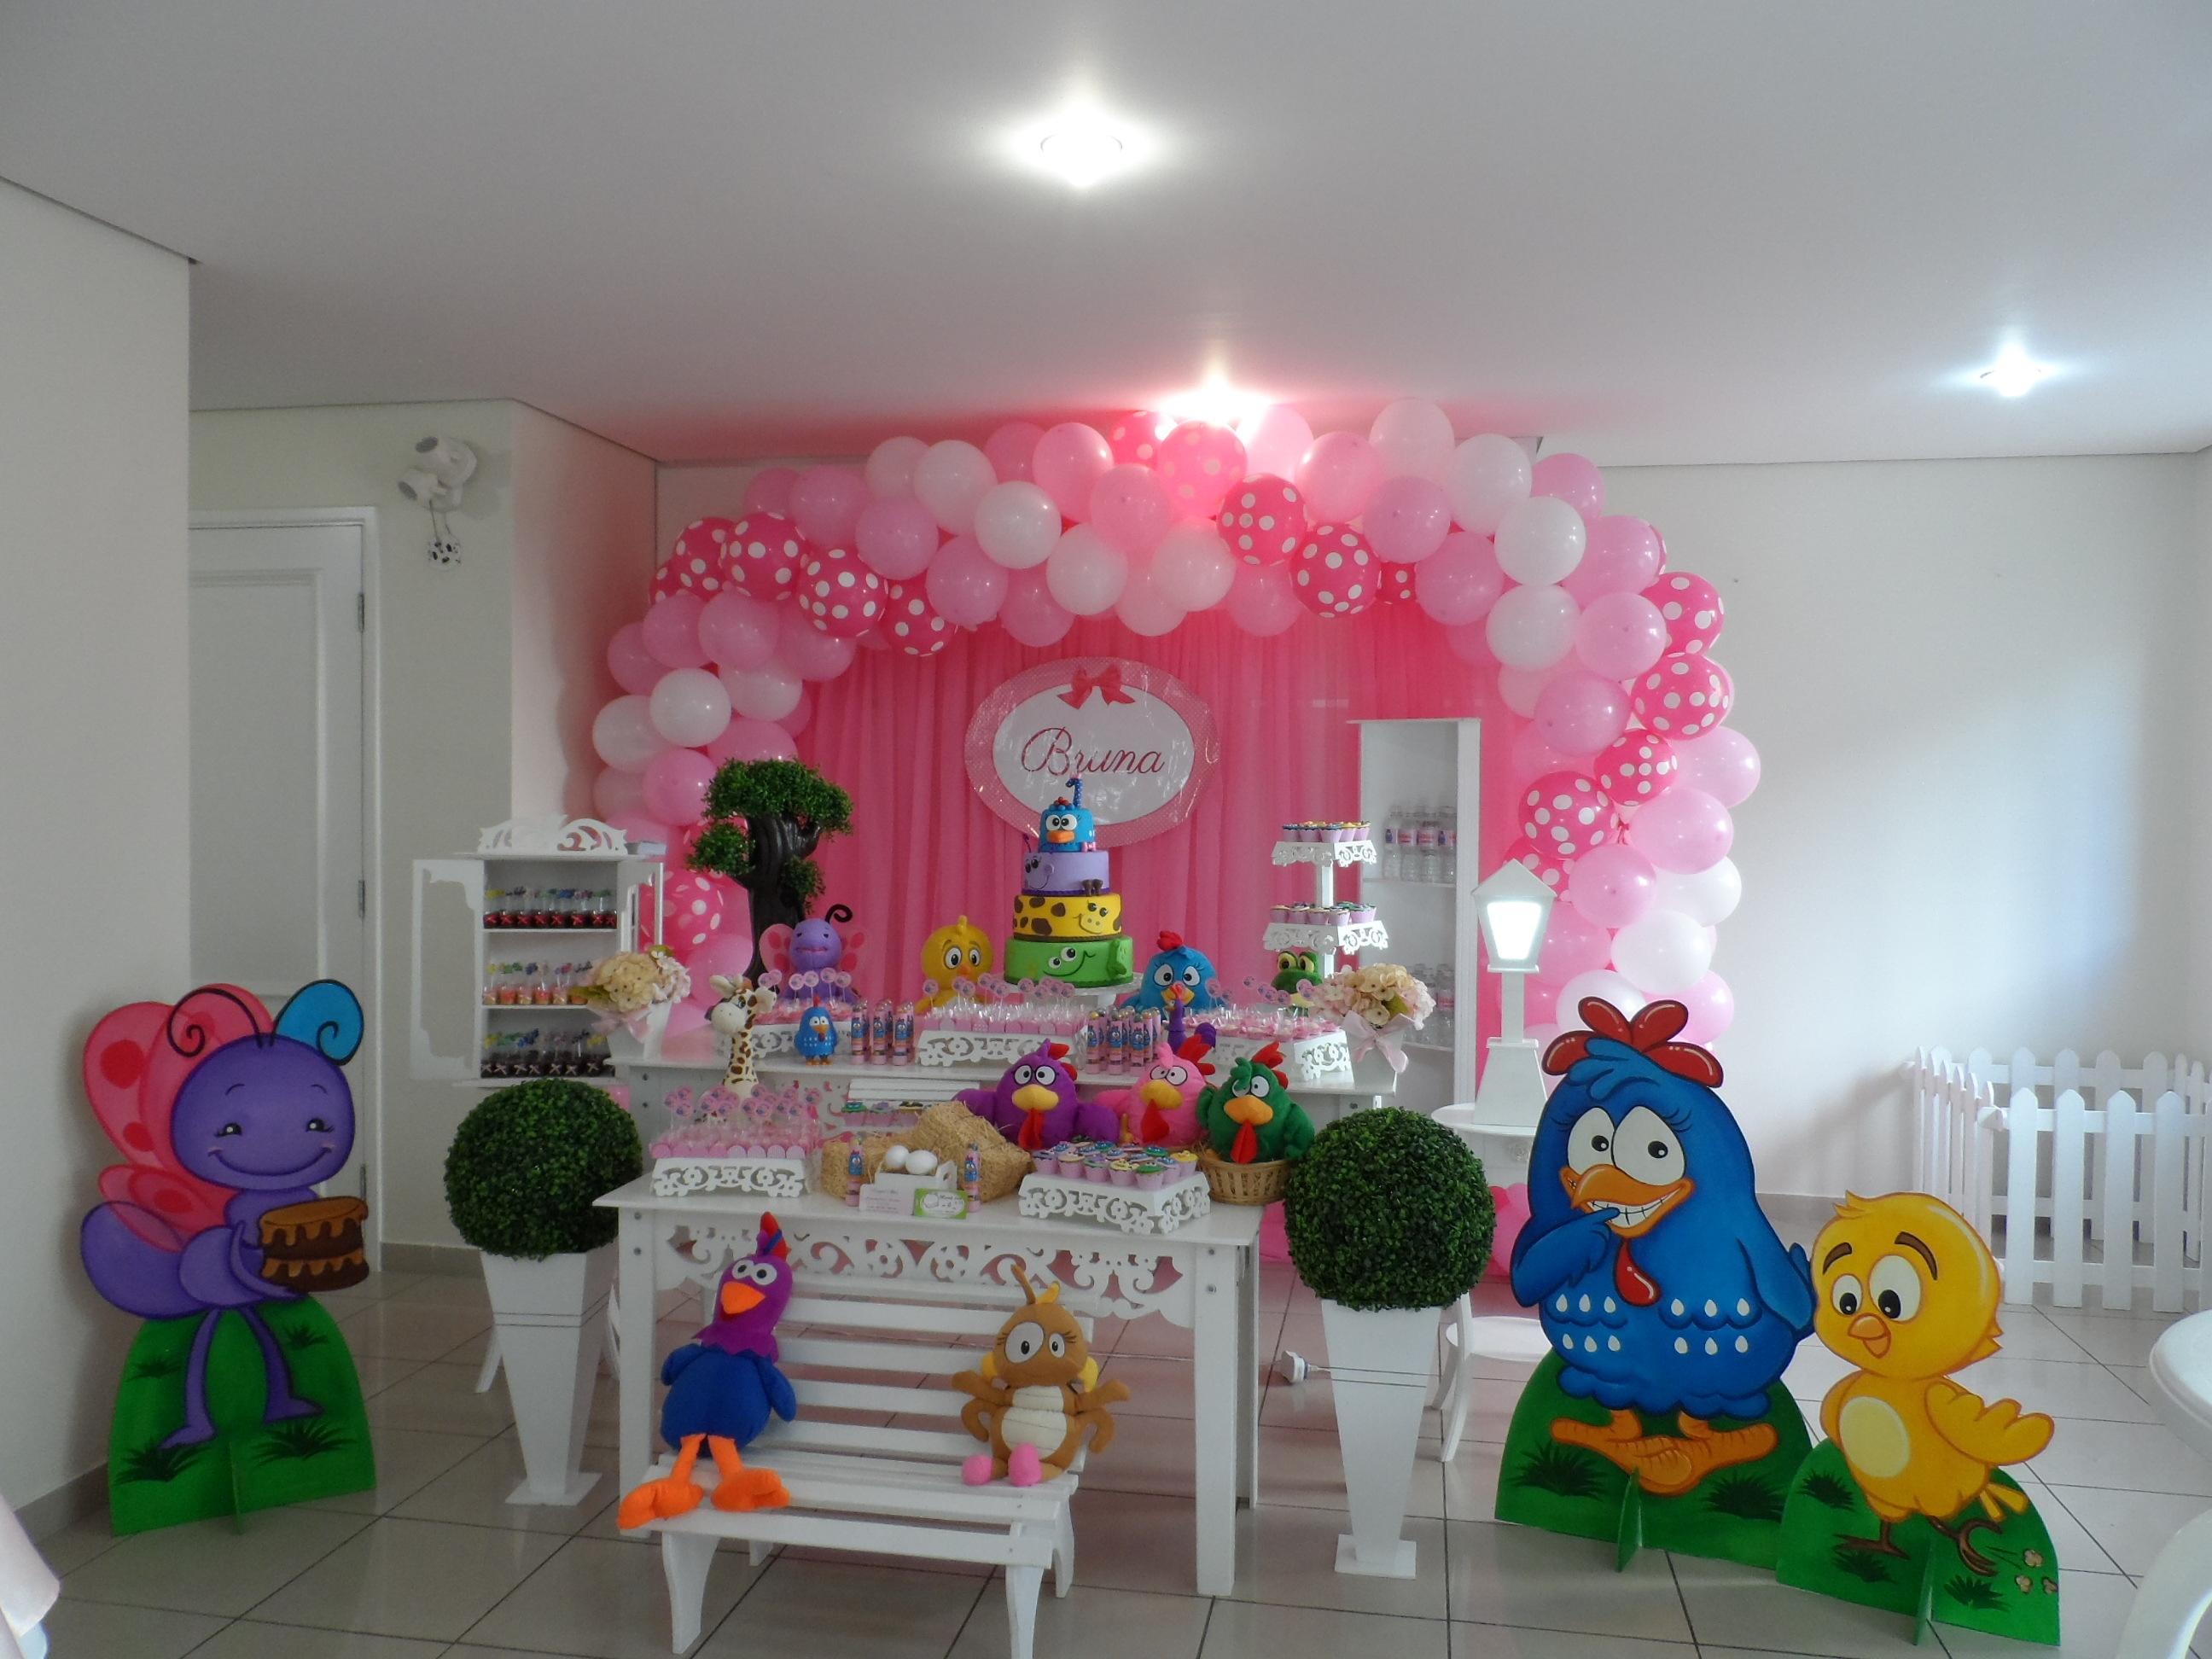 Decoraç u00e3o Galinha Pintadinha Oficina Festas Eventos Elo7 # Decoração De Festa Galinha Pintadinha Rosa